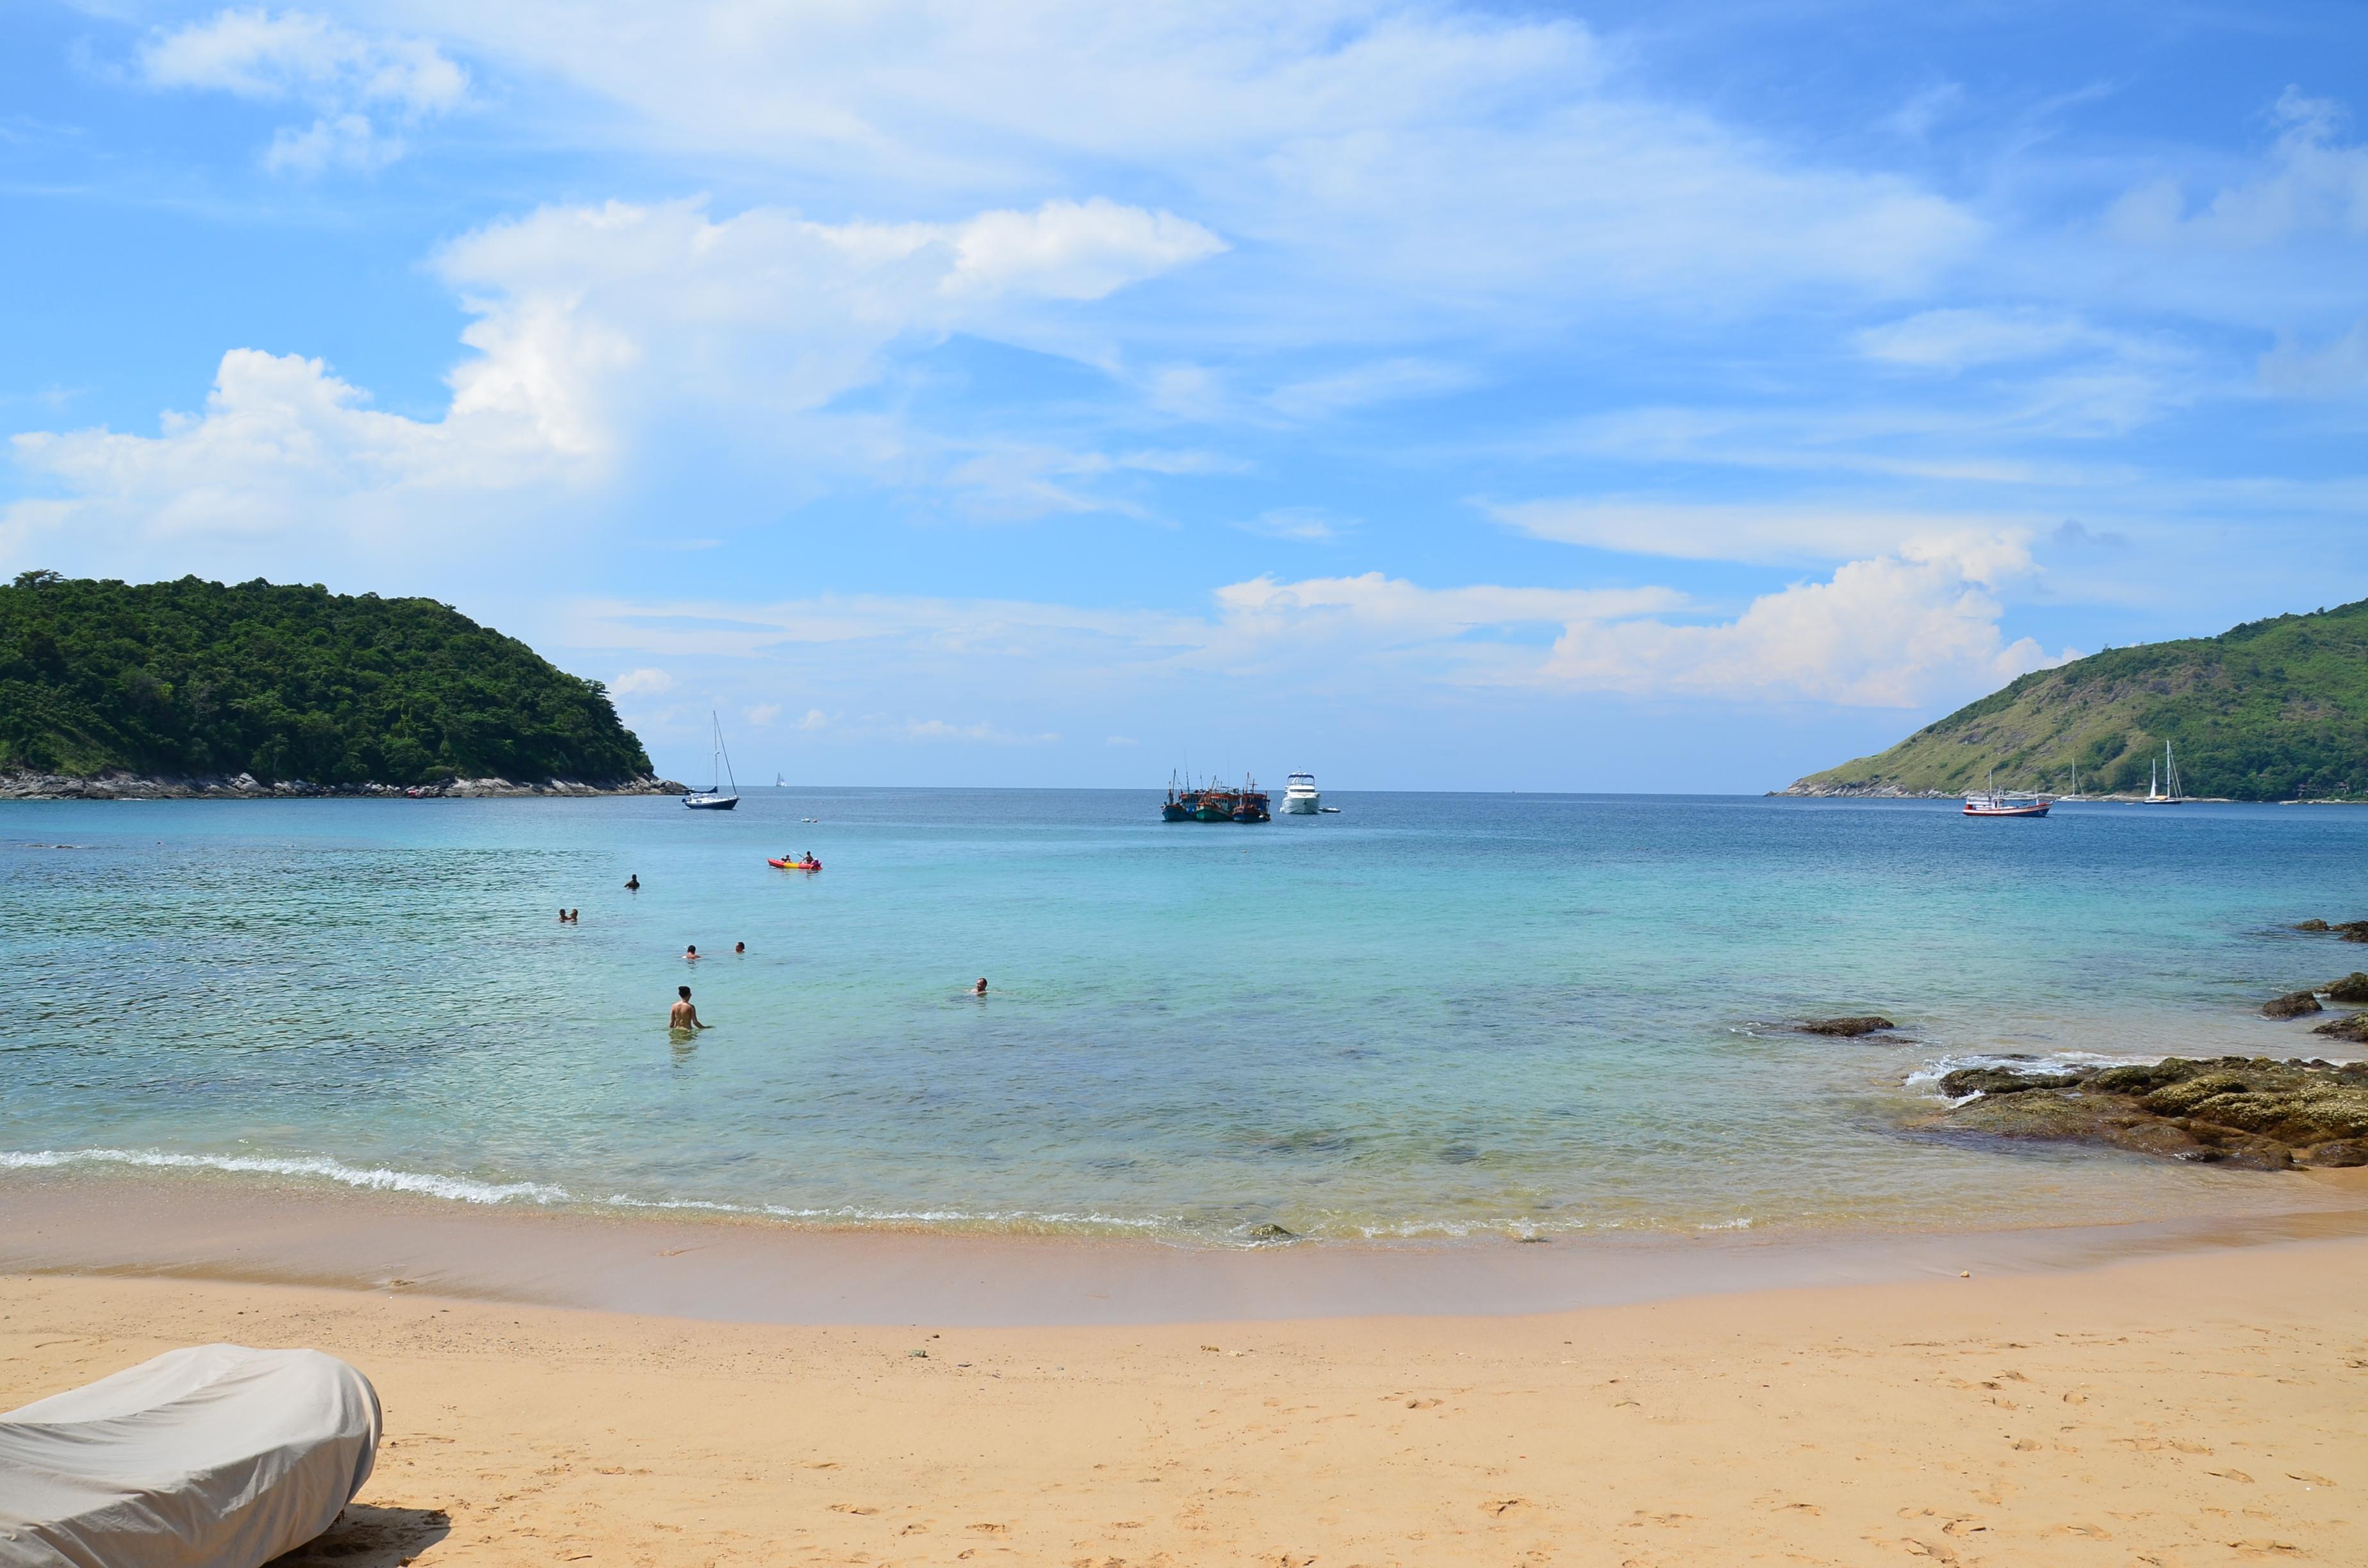 Nai Harn Beach - thingd to do in Phuket